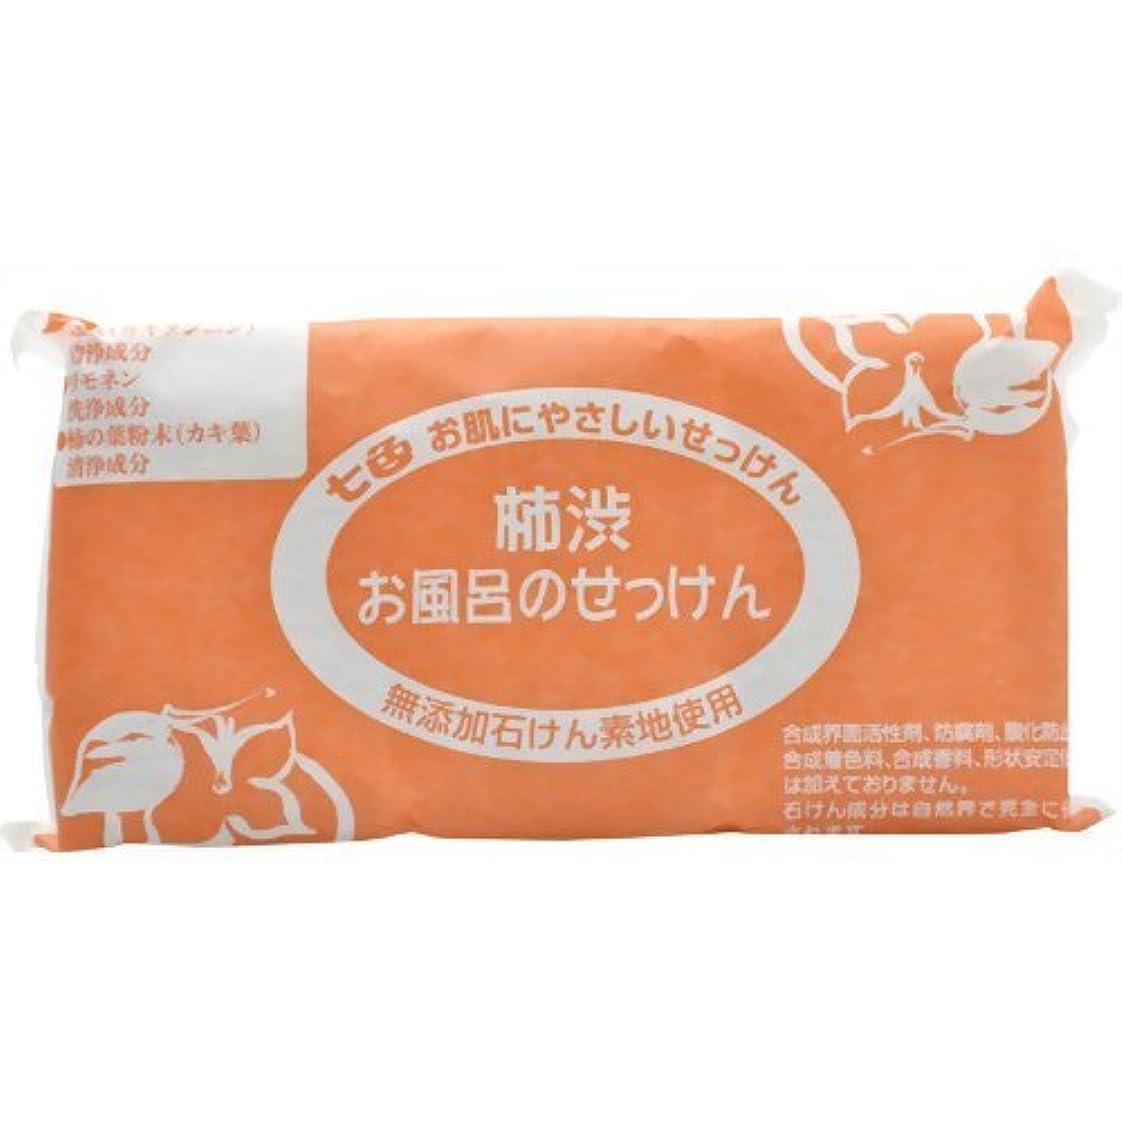 退屈なポップドック七色 お風呂のせっけん 柿渋(無添加石鹸) 100g×3個入